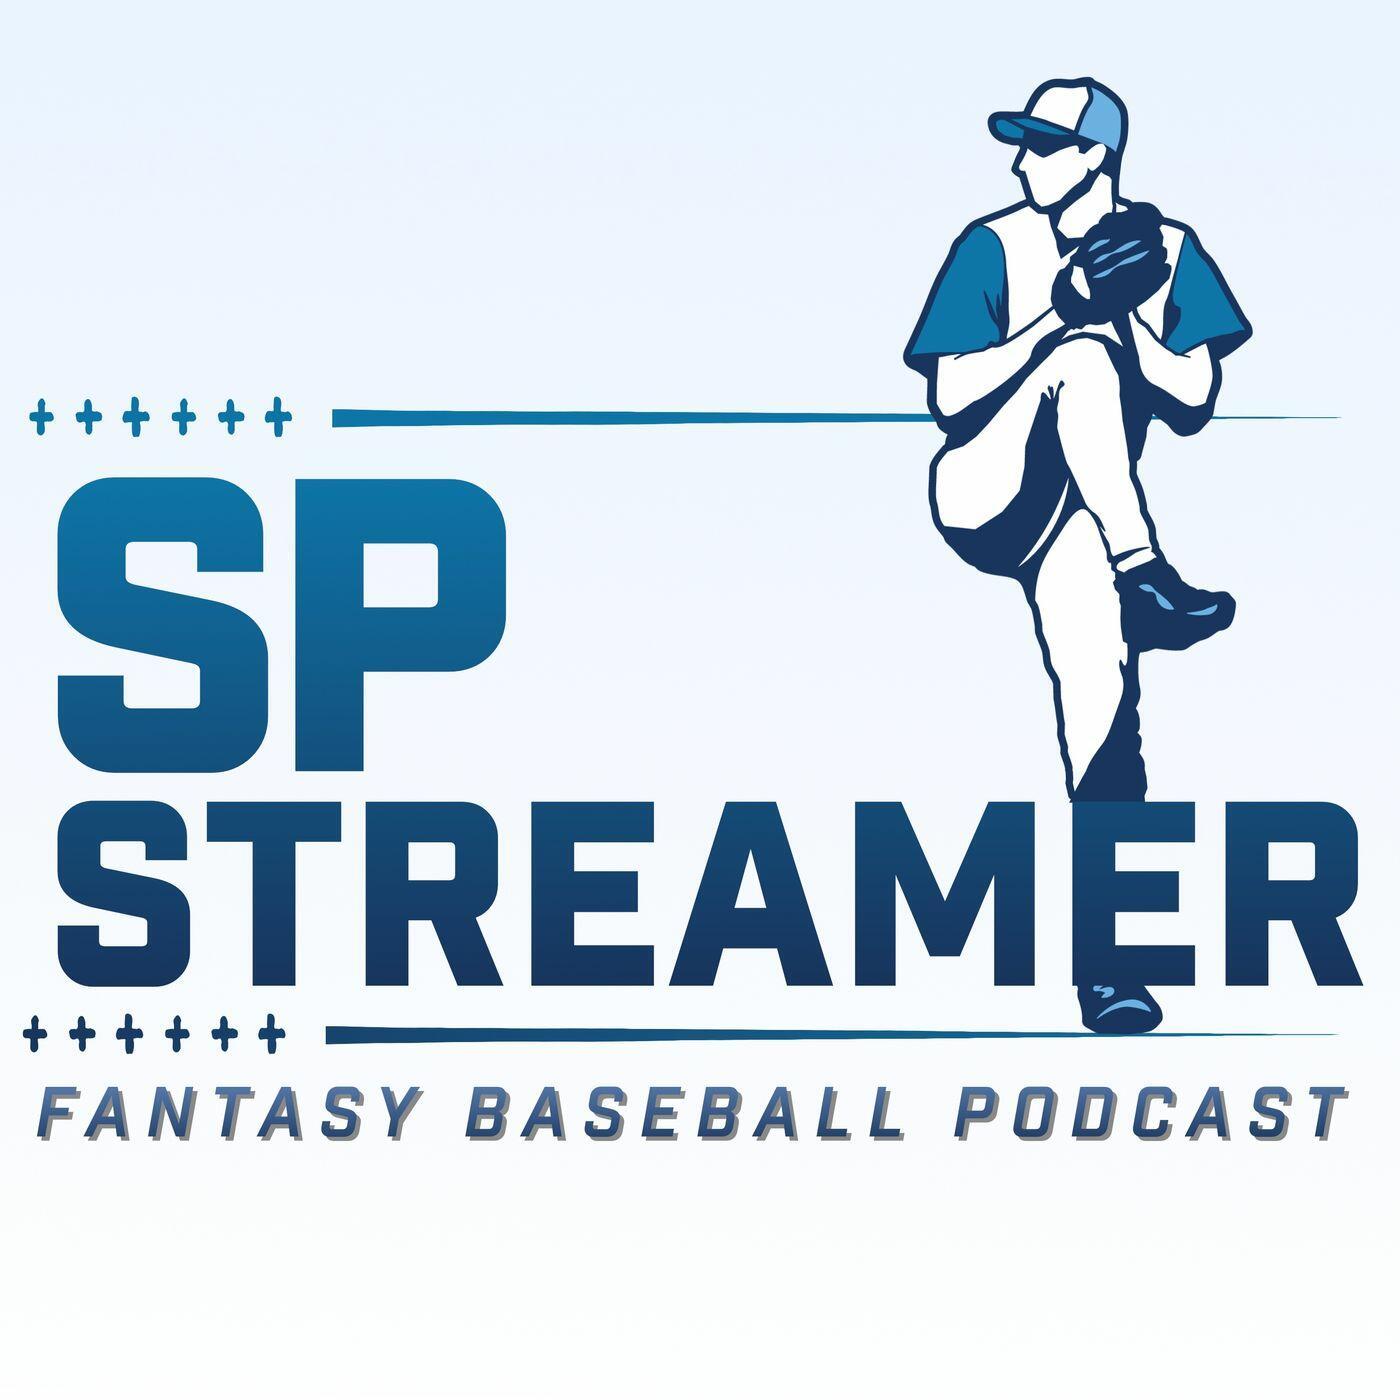 SP Streamer Fantasy Baseball Podcast